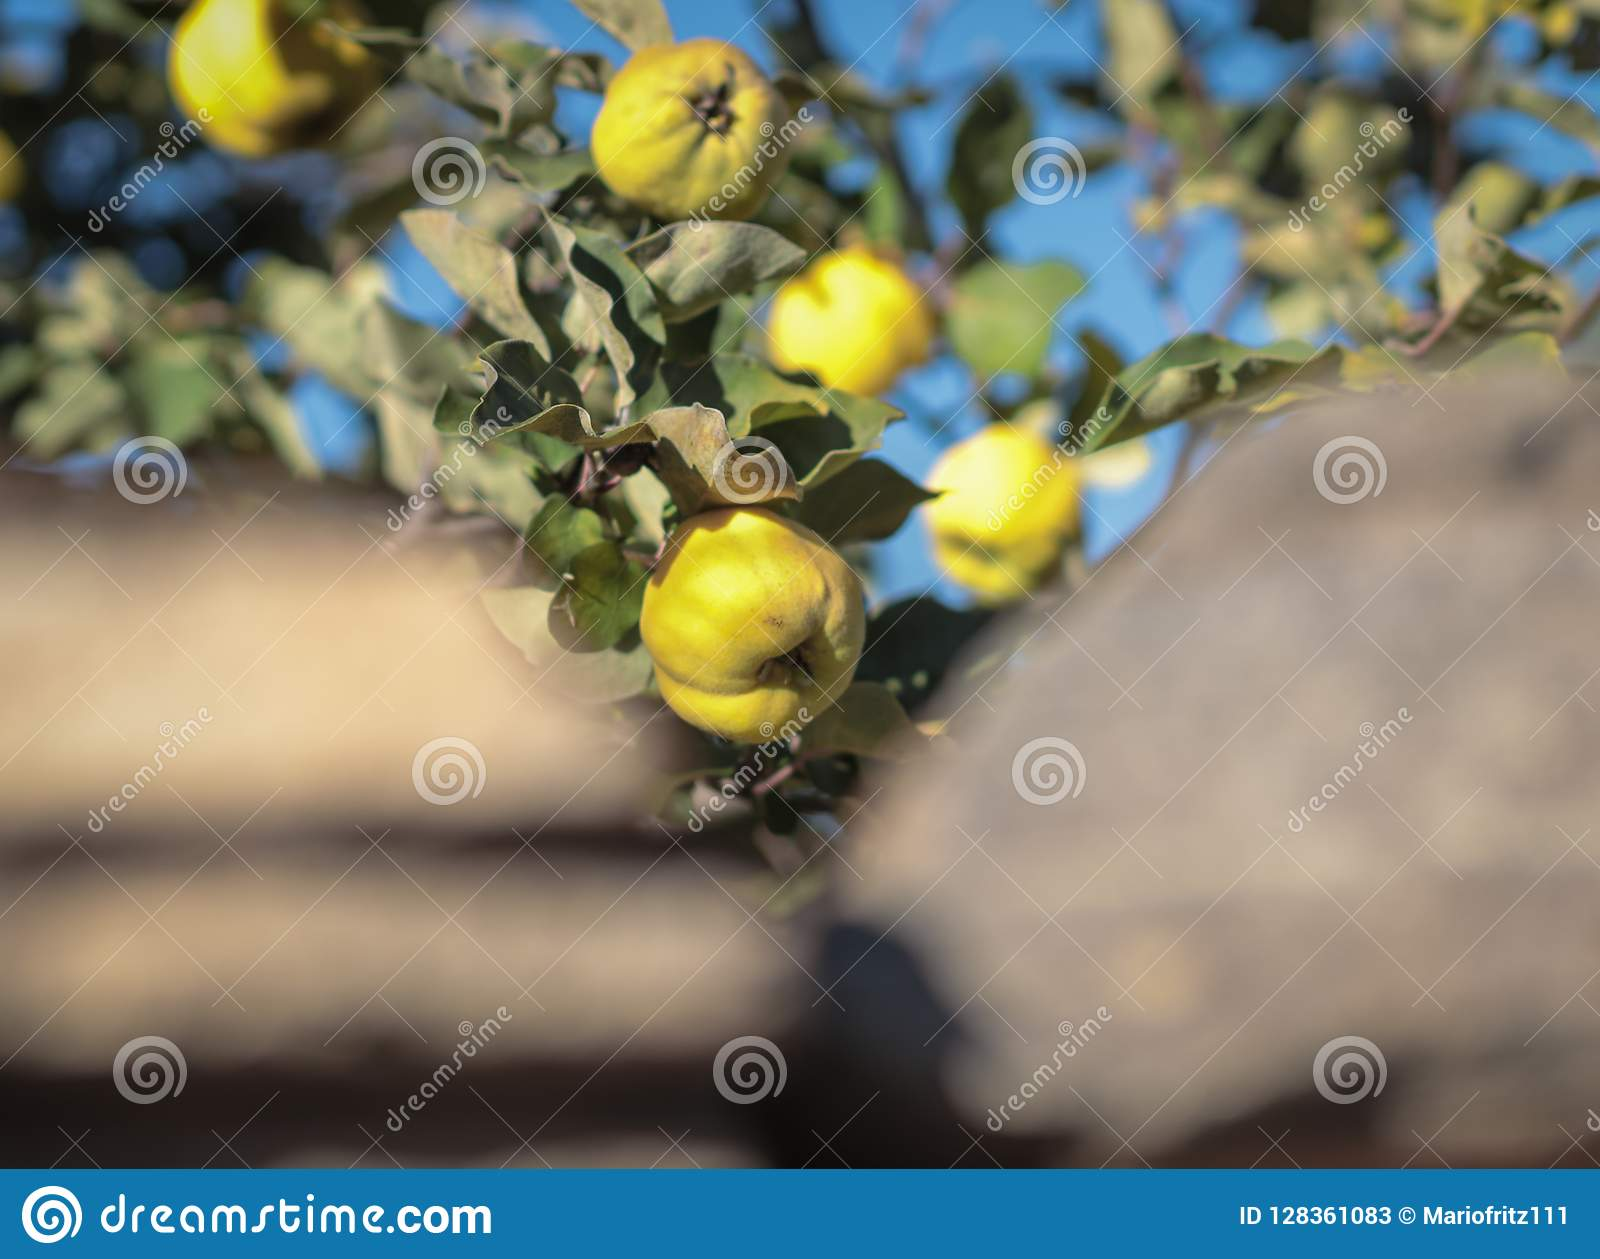 Mele gialle verdi che appendono e che crescono su un albero verde in un giardino